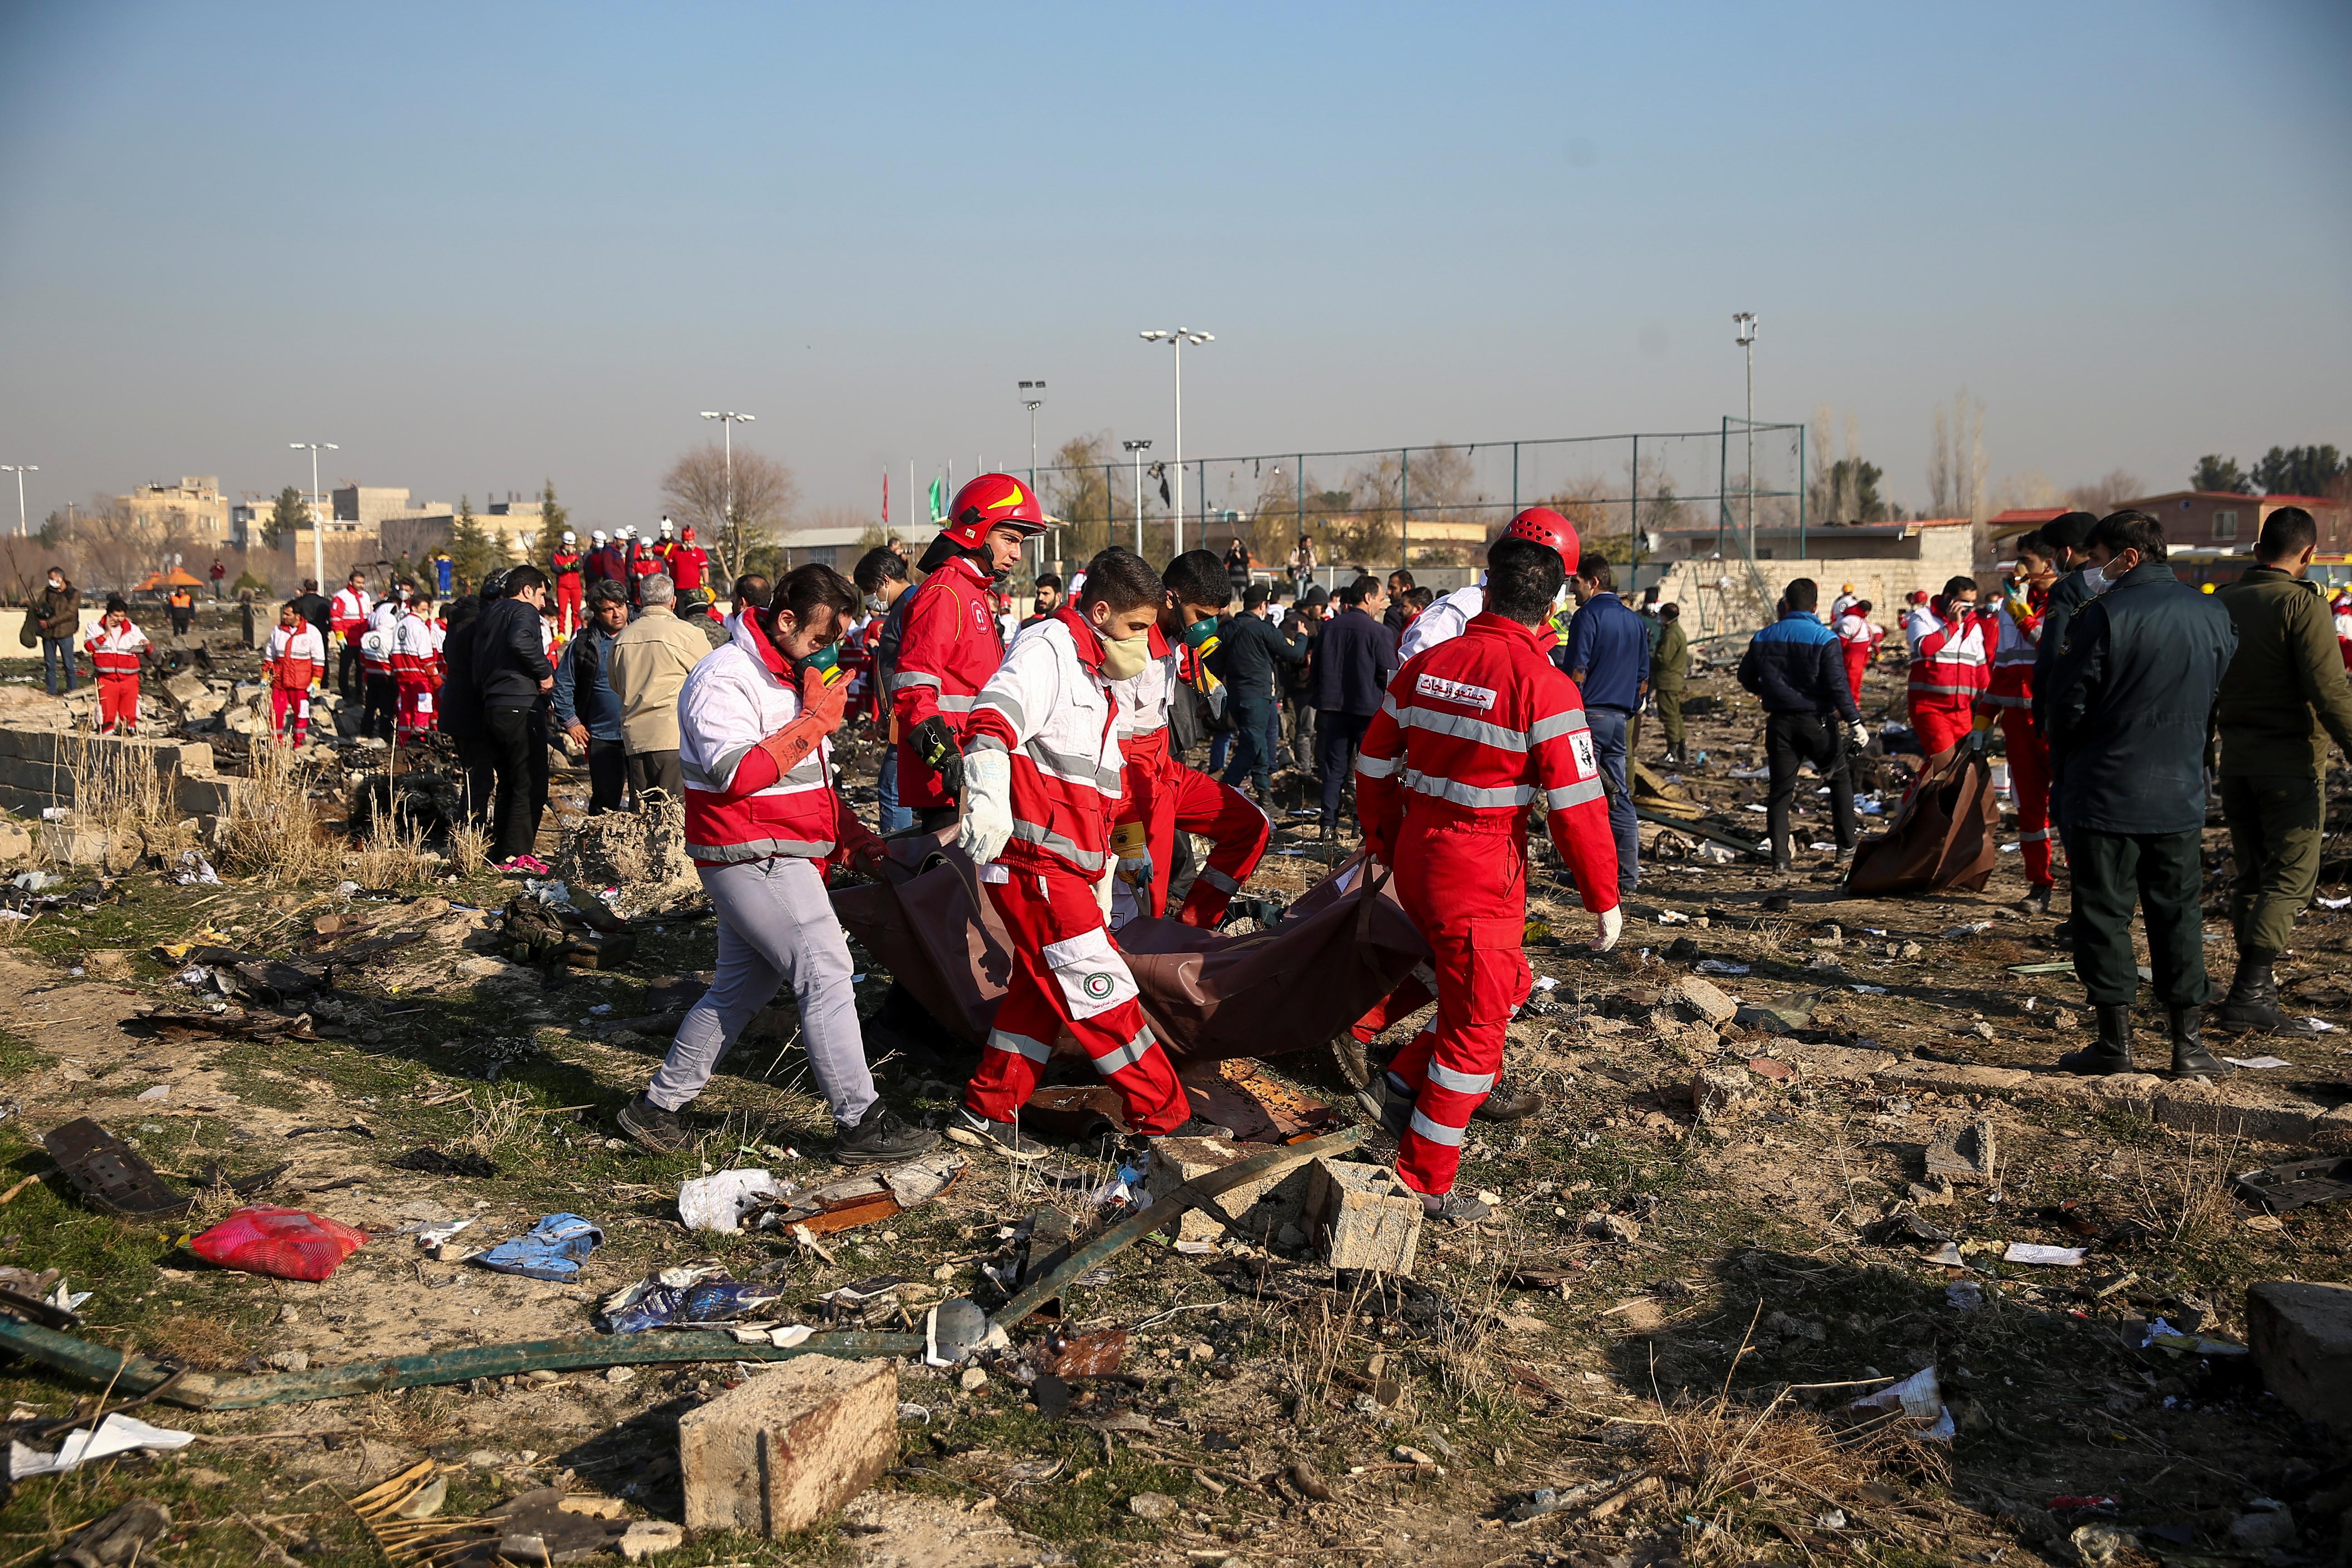 Rescatistas trabajando en el lugar del accidente (REUTERS)